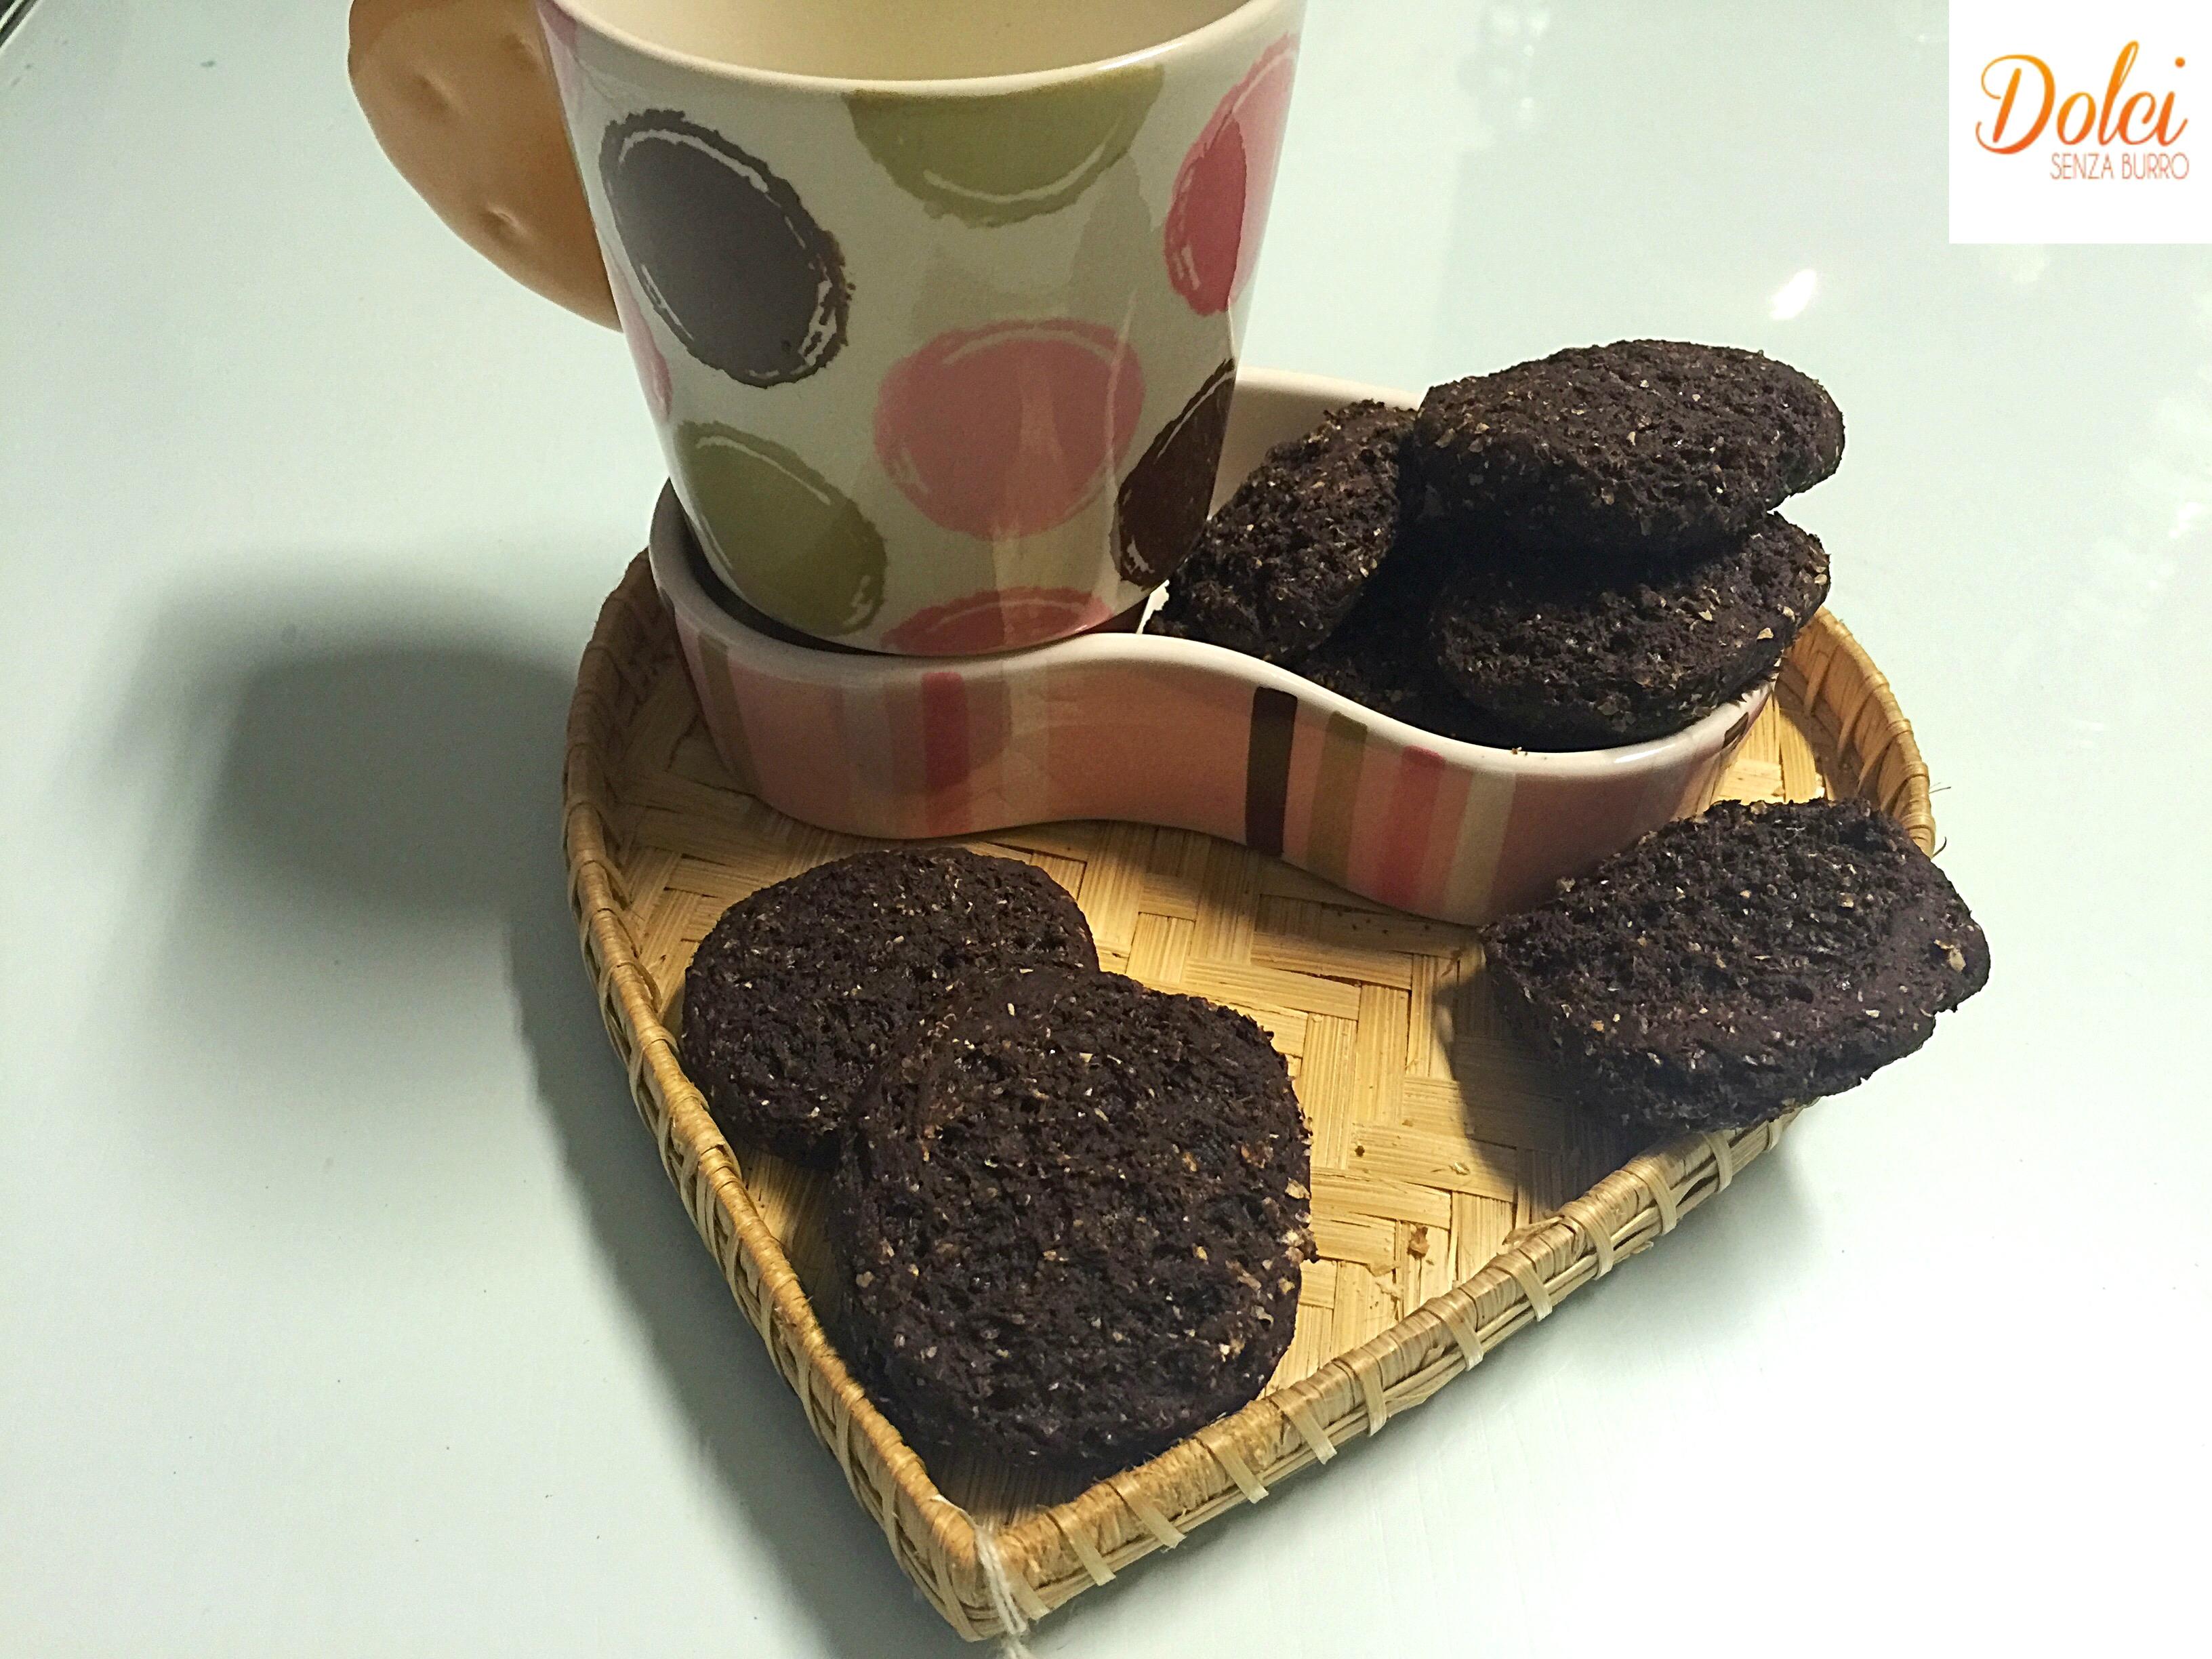 Biscotti Yogurt e Cioccolato senza burro e uova preparato con soli quattro ingredienti da dolci senza burro!